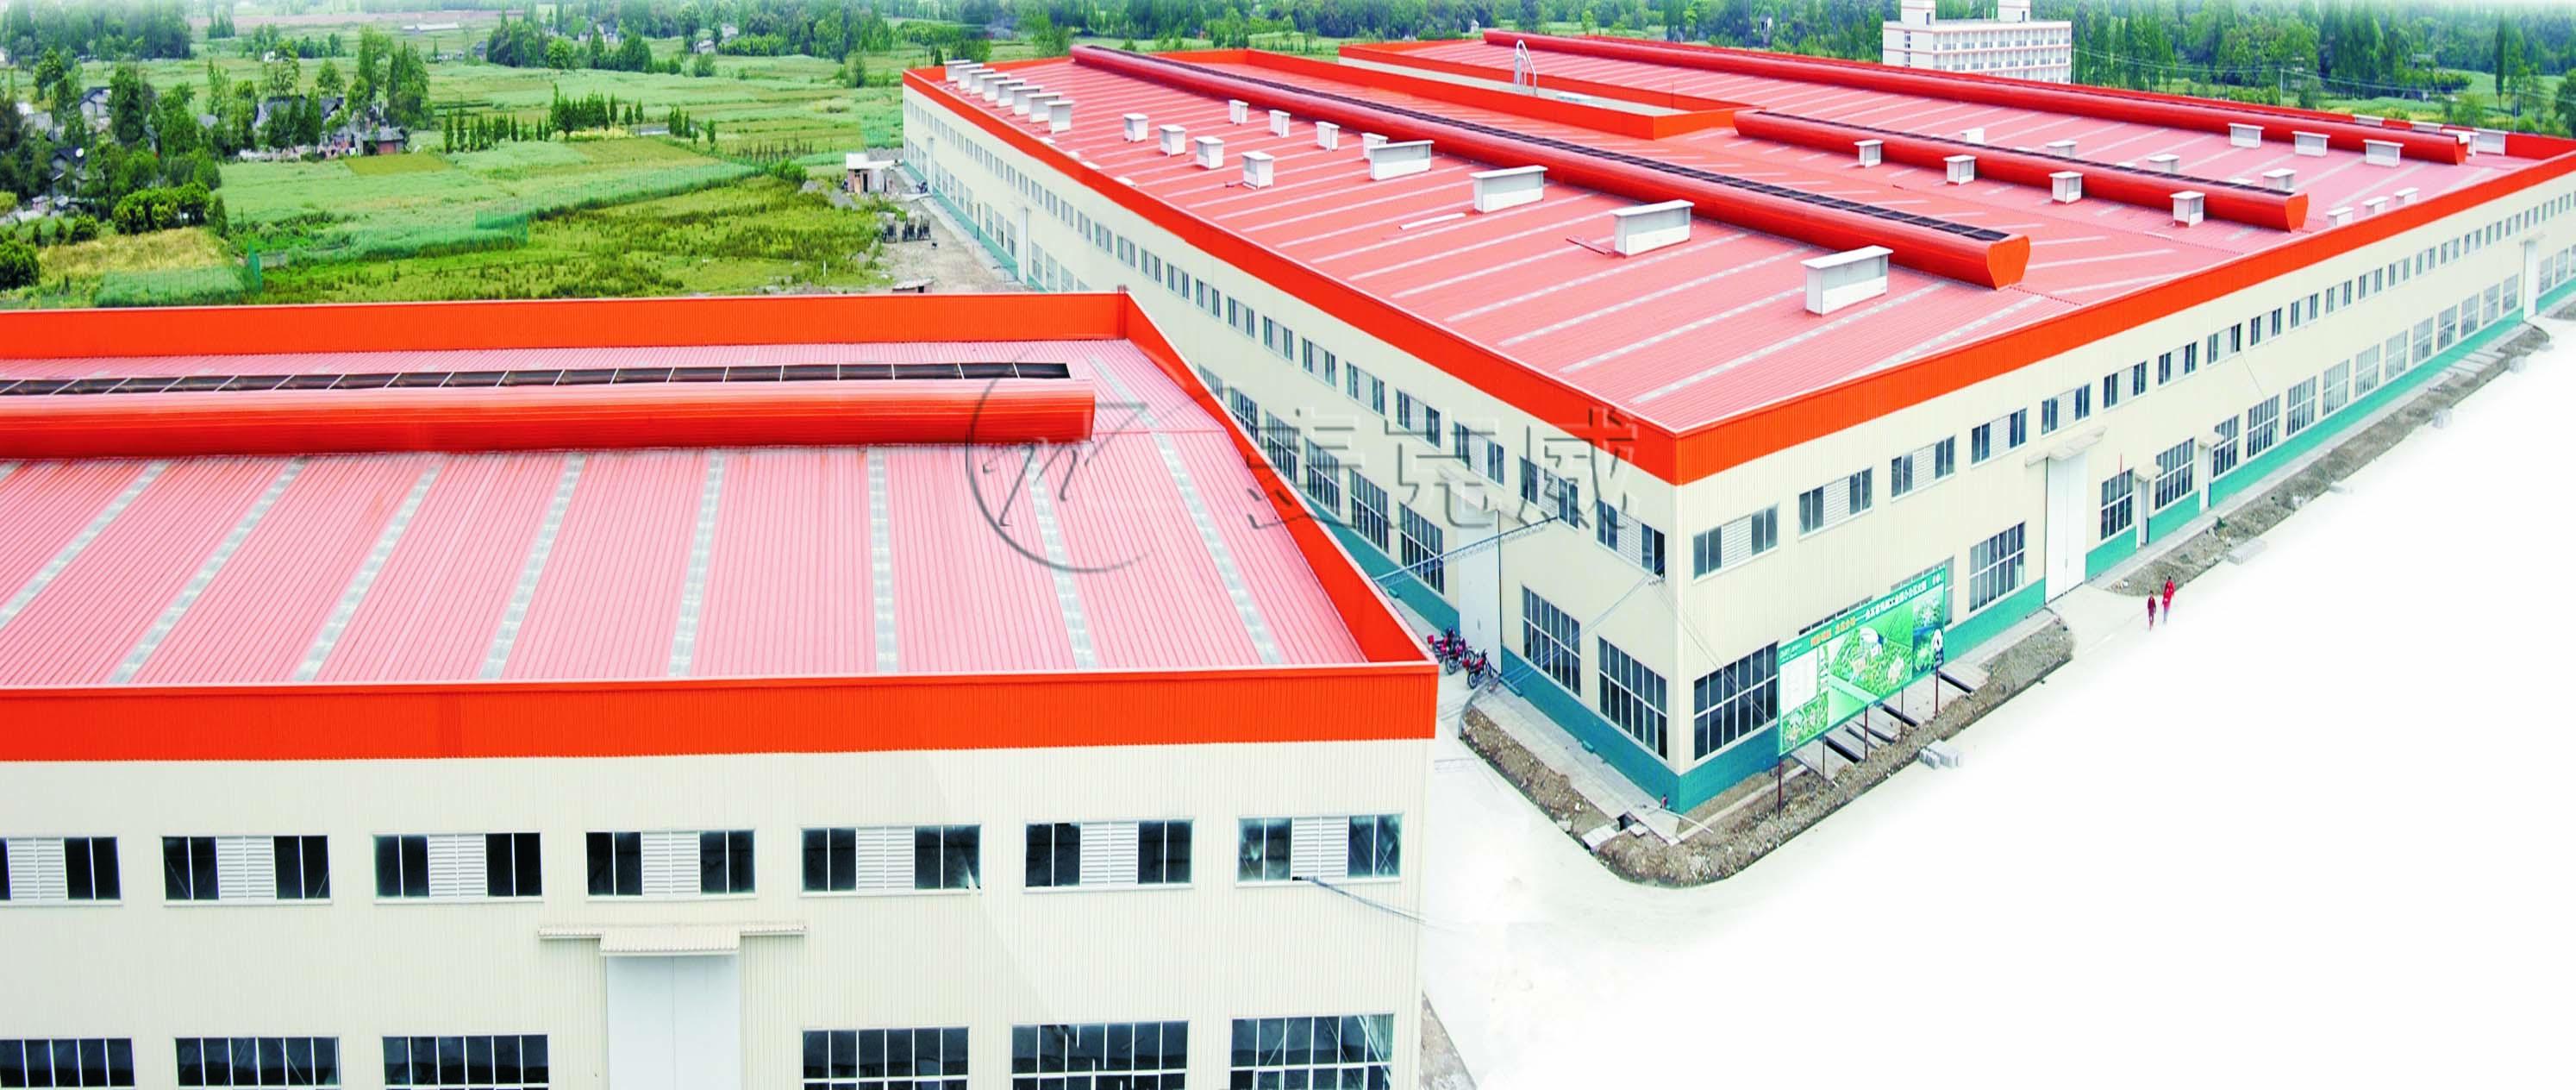 全友家私生产基地三期工程-27#厂房扩建工程通风天窗项目